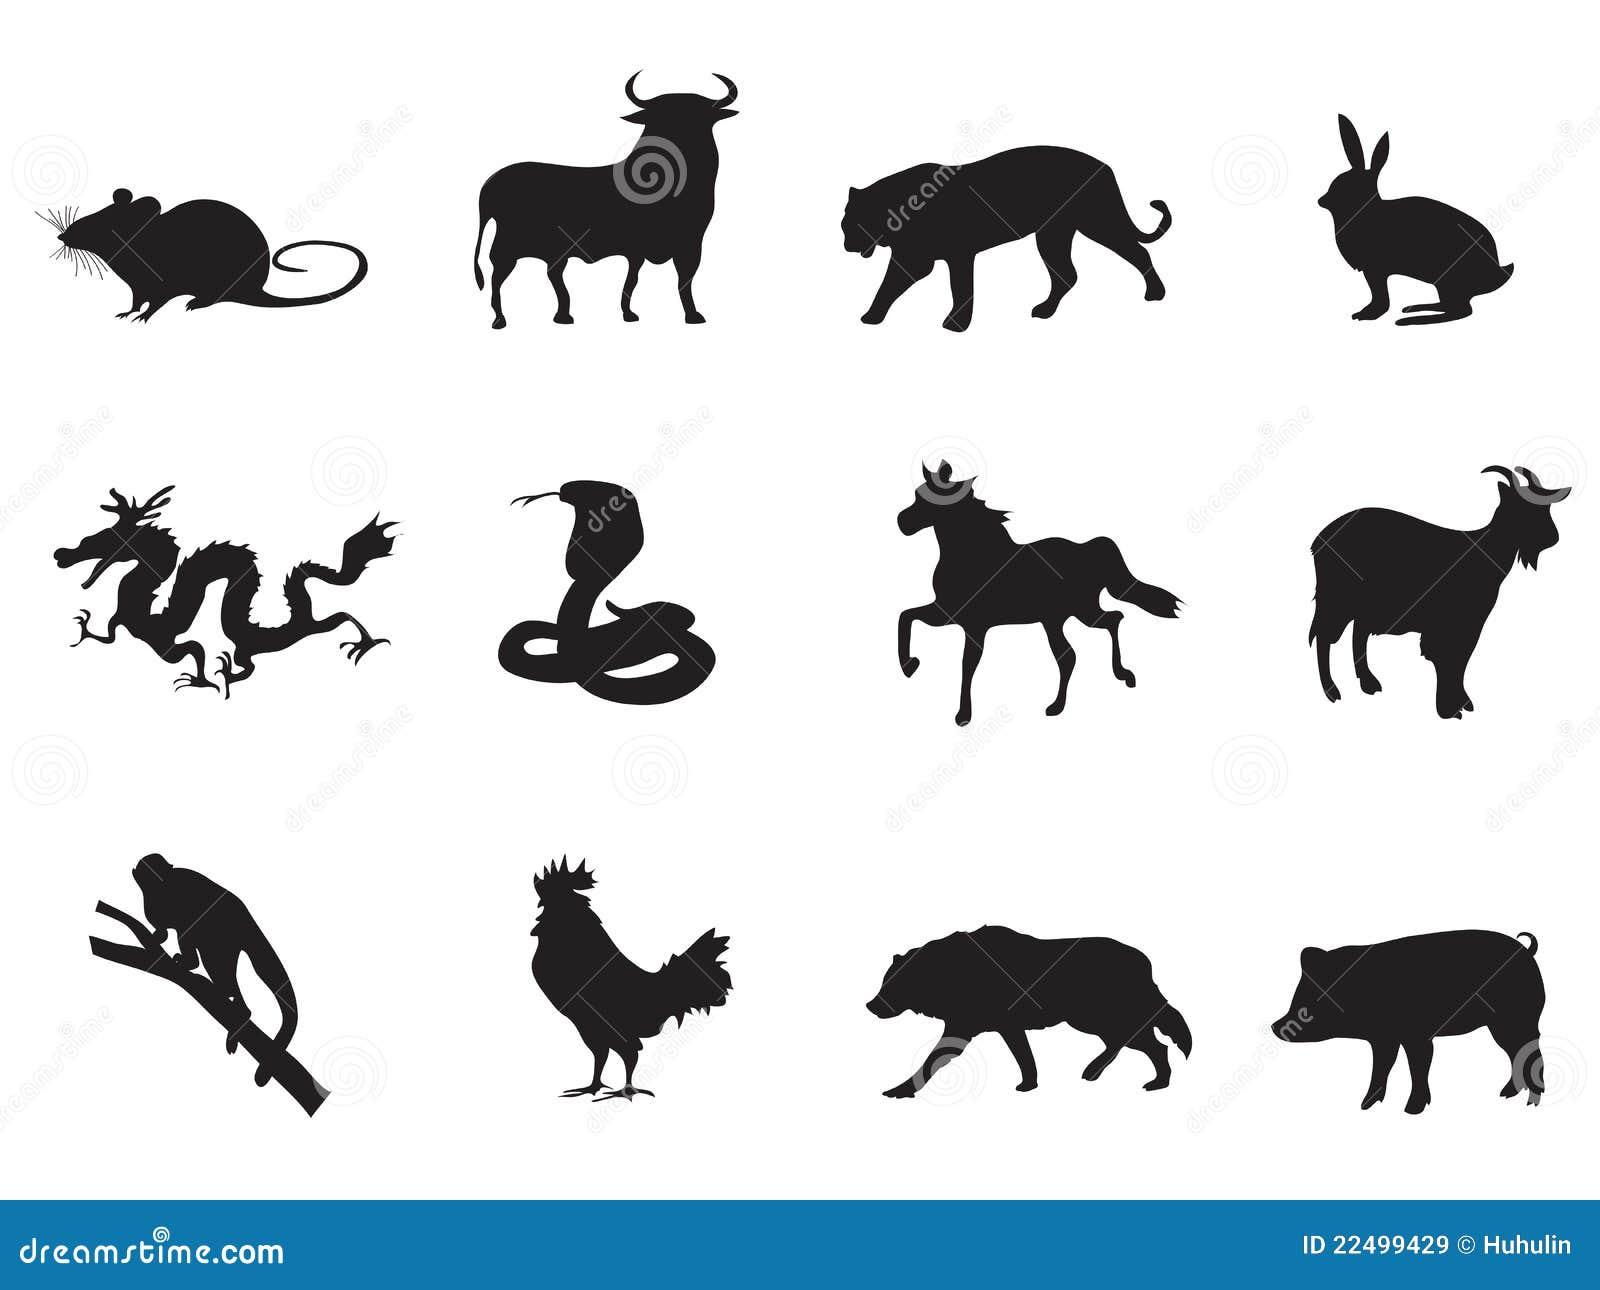 Chinese Horoscope Icons Royalty Free Stock Images  Image